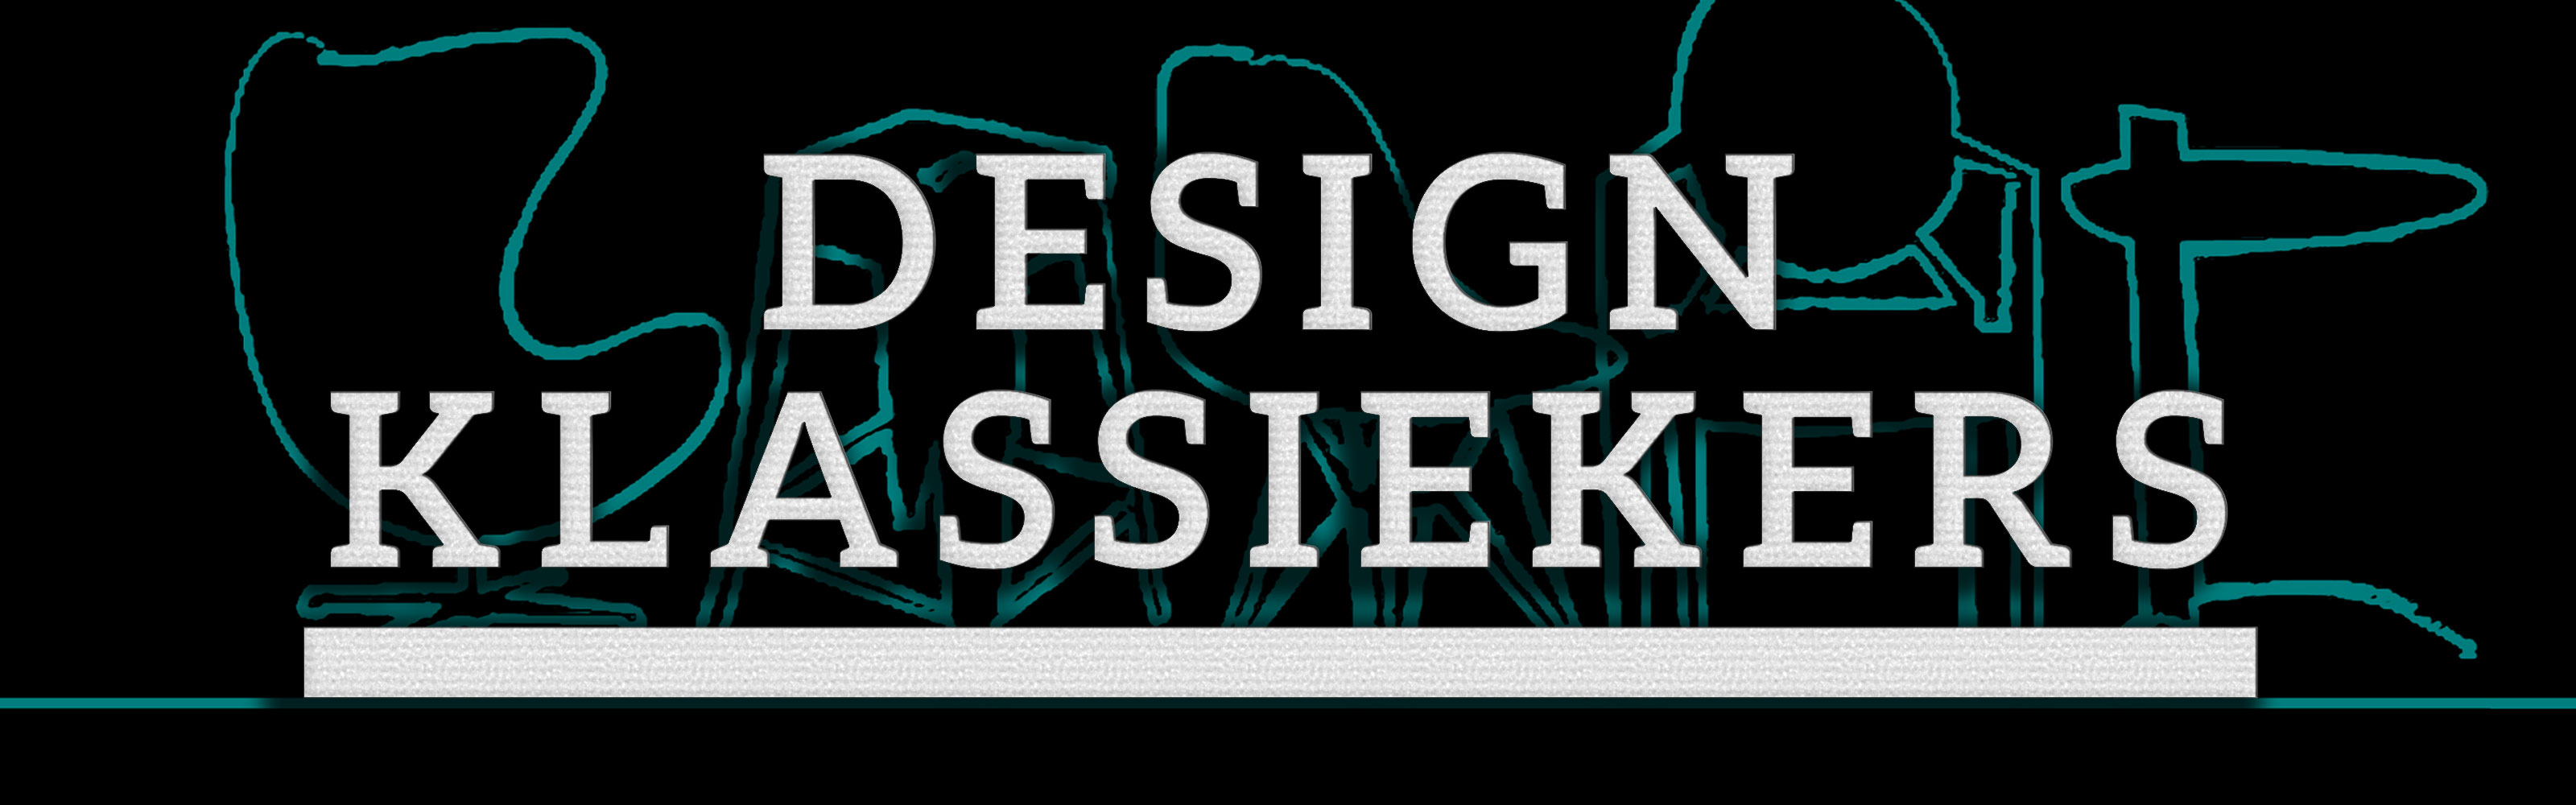 Design Klassiekers Meubels.Designklassiekers